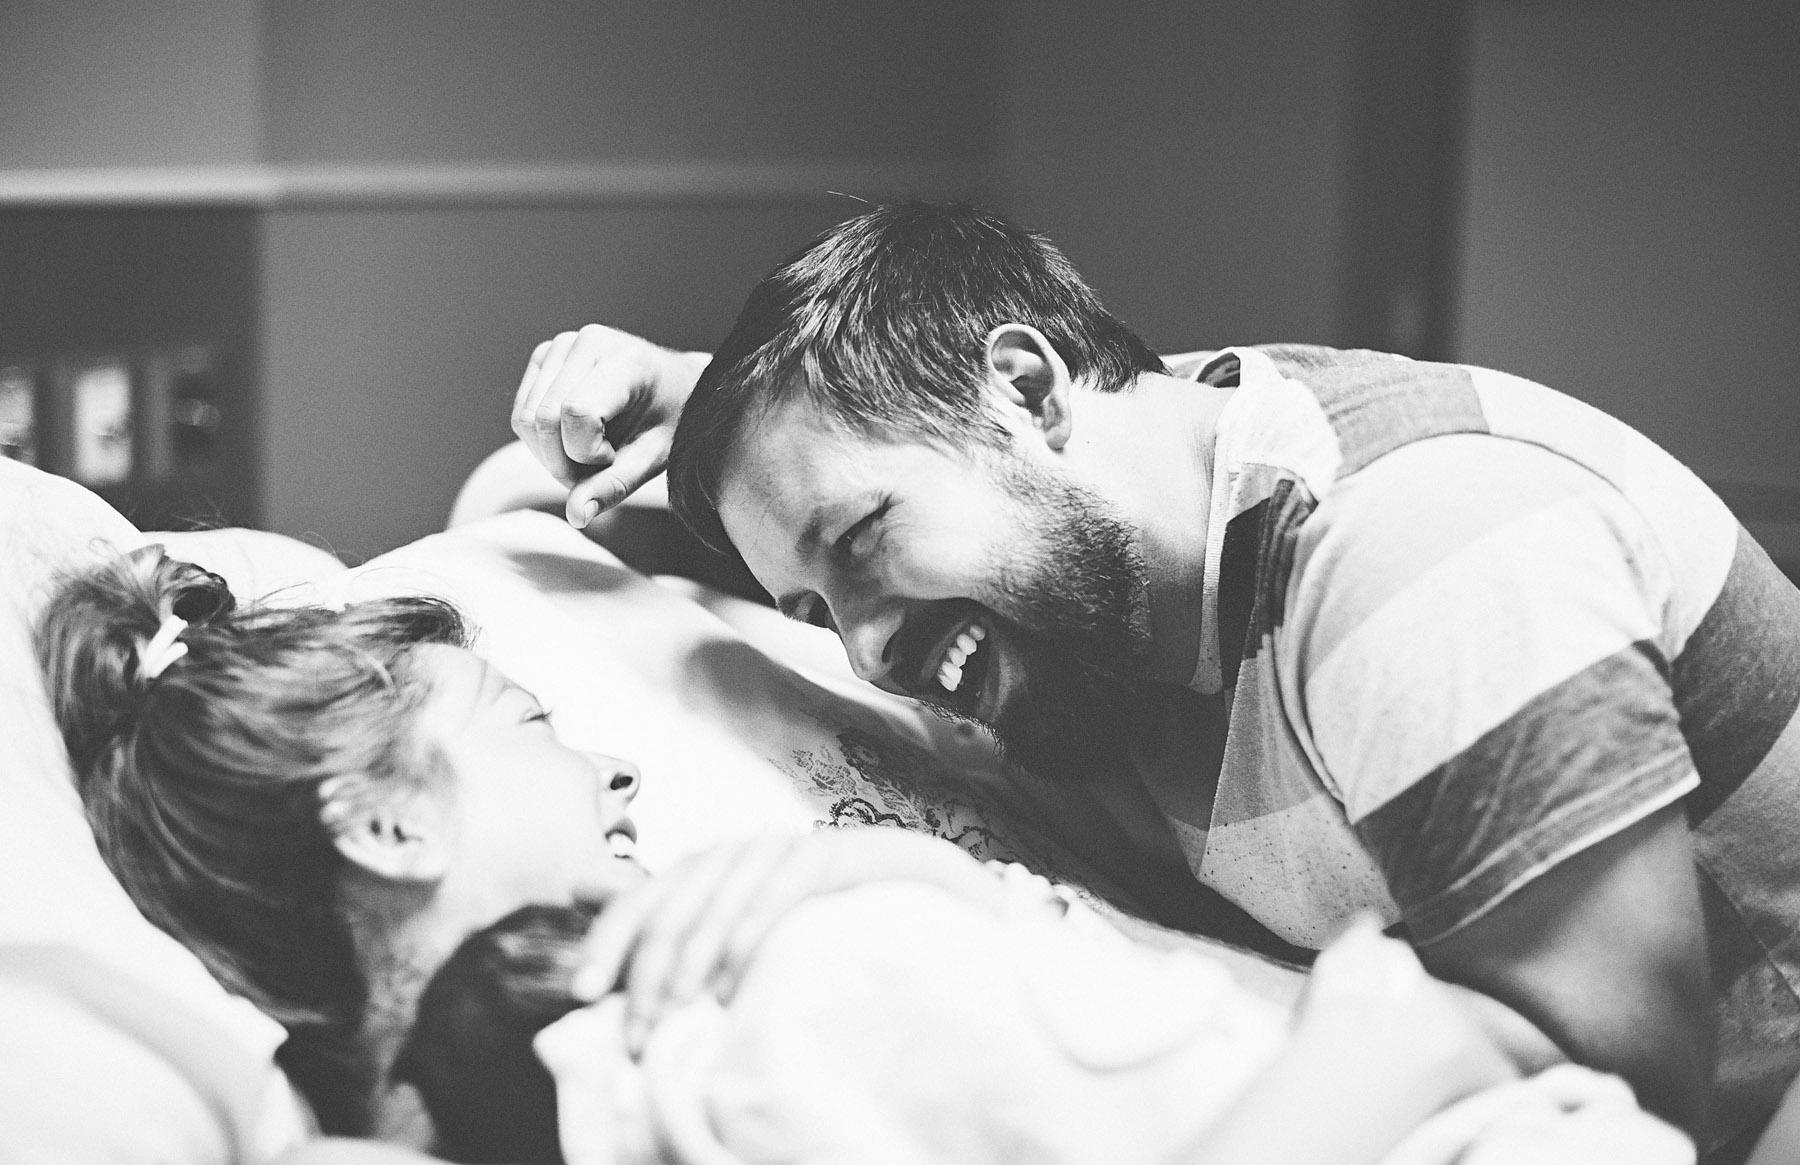 milly birth story 22.jpg